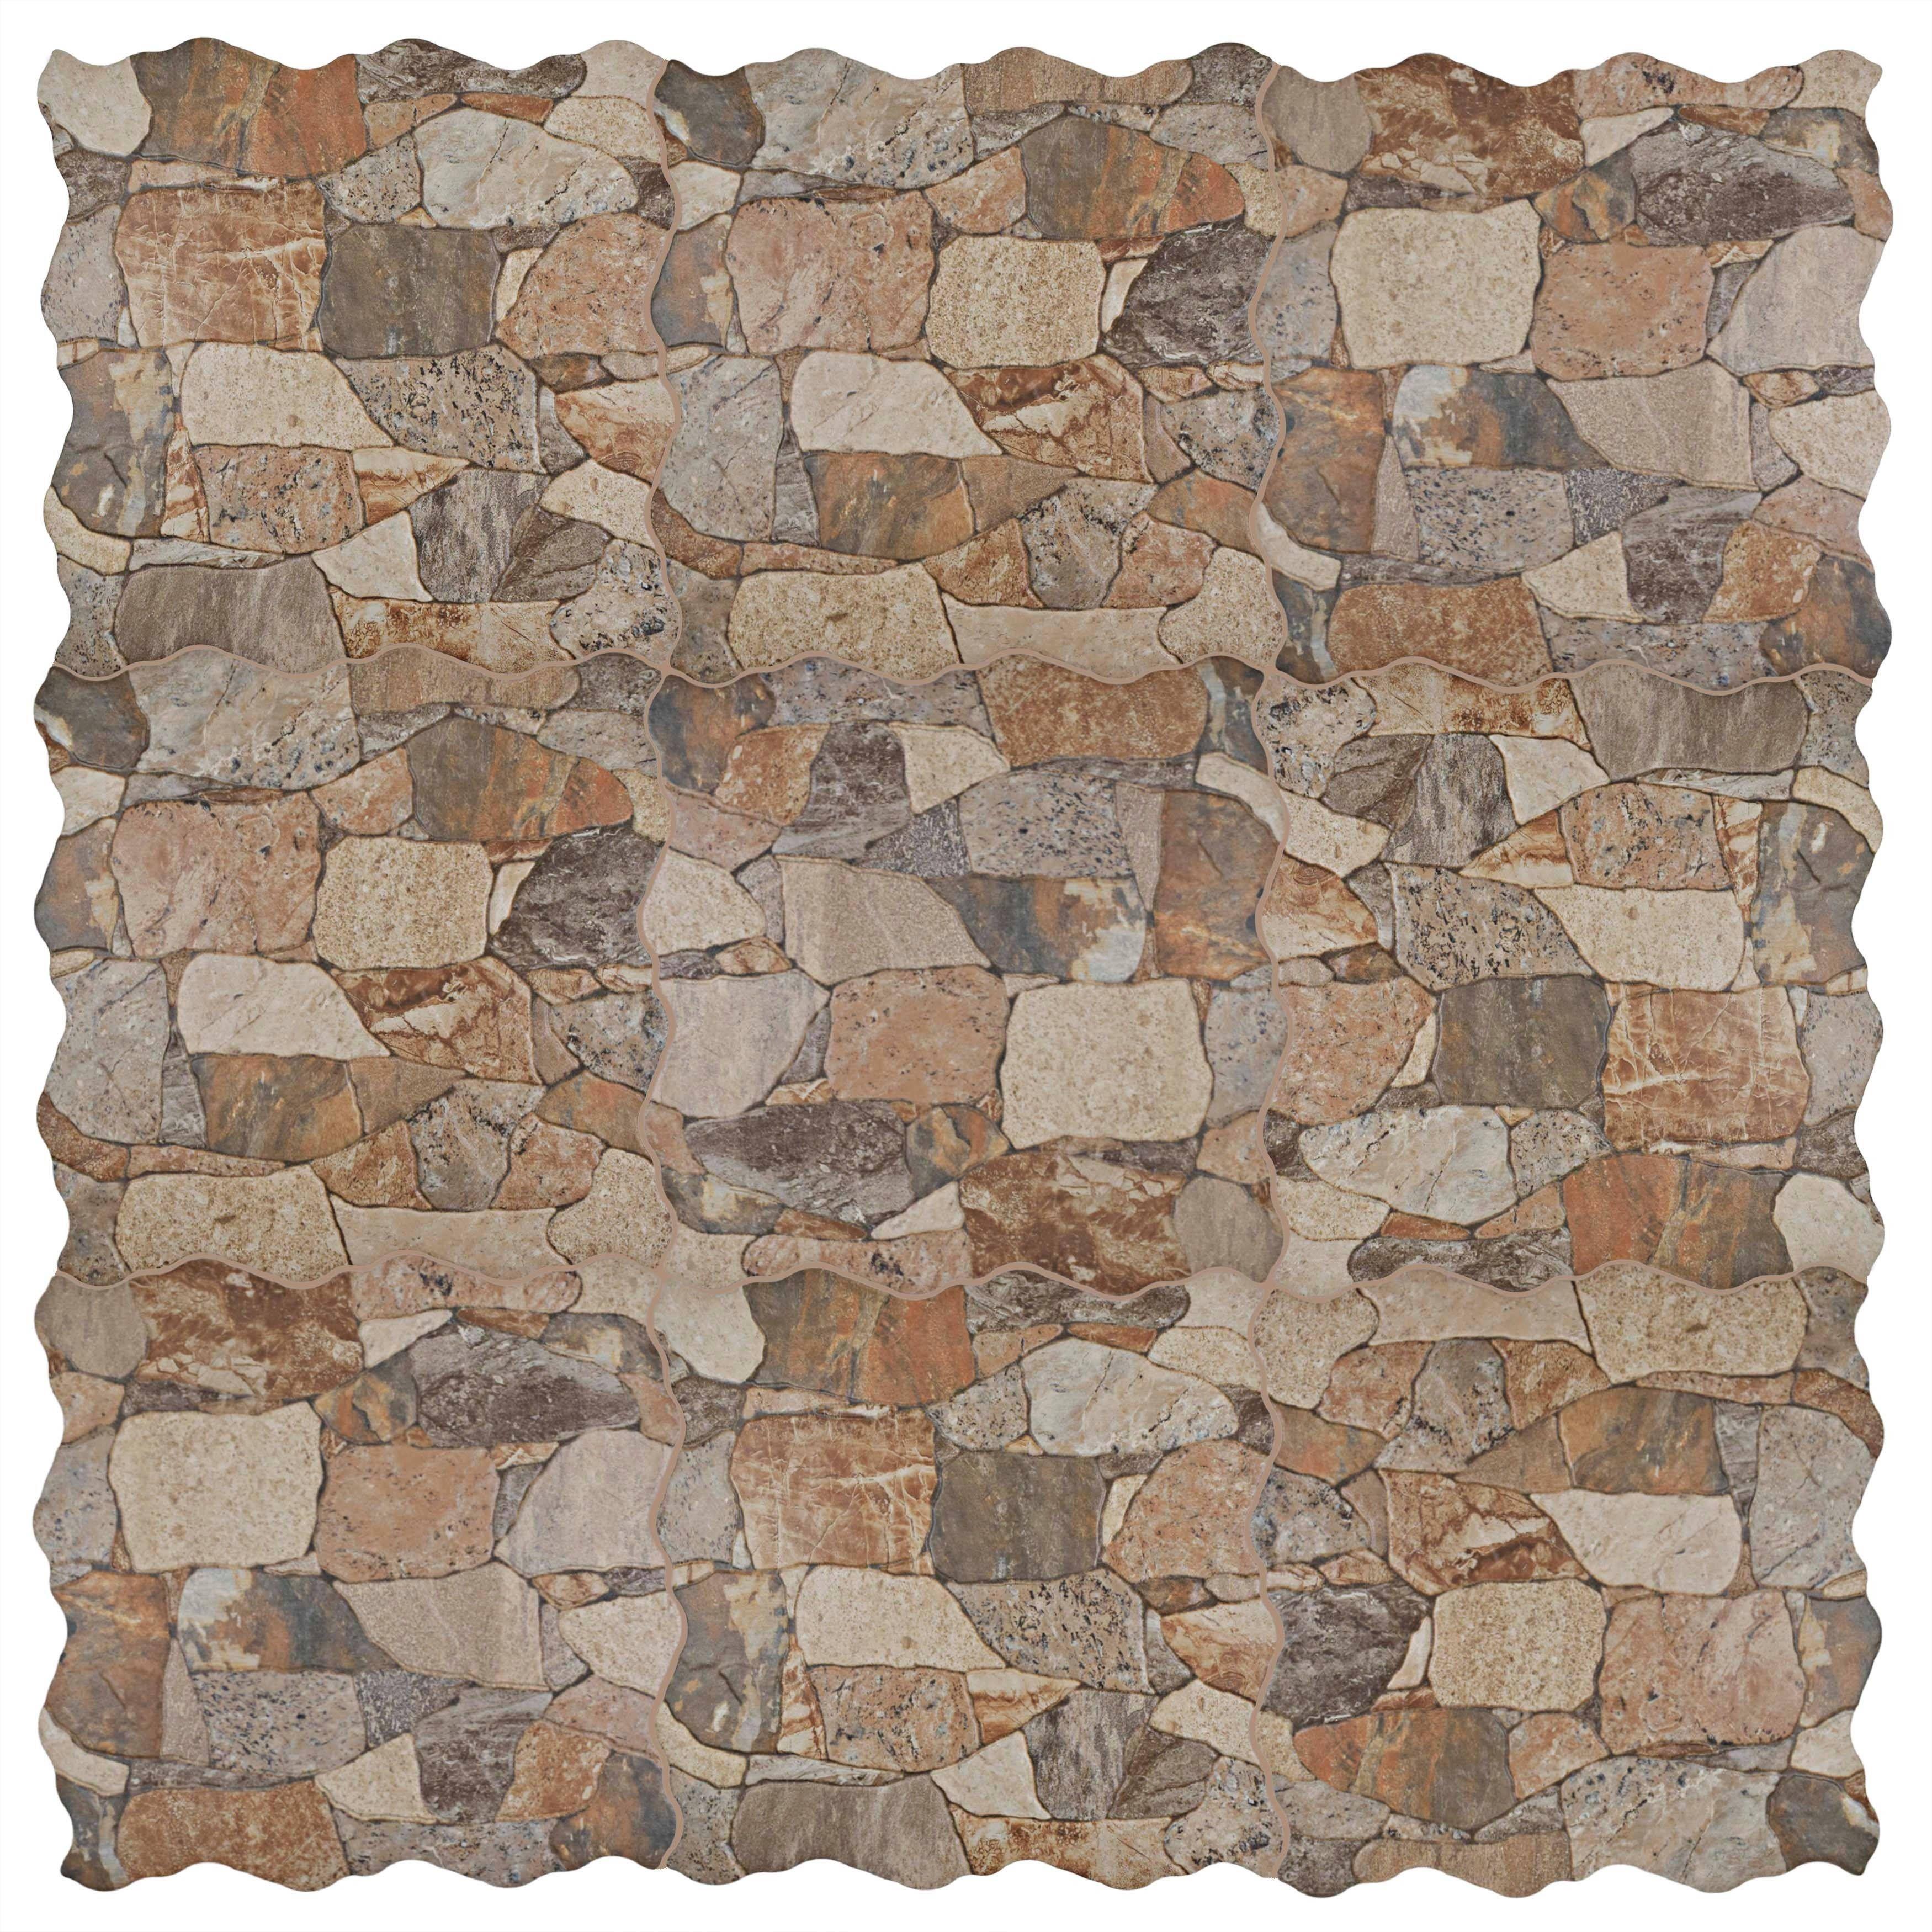 SomerTile 17 75 x 17 75 inch Atticus Gris Stone look Ceramic Floor